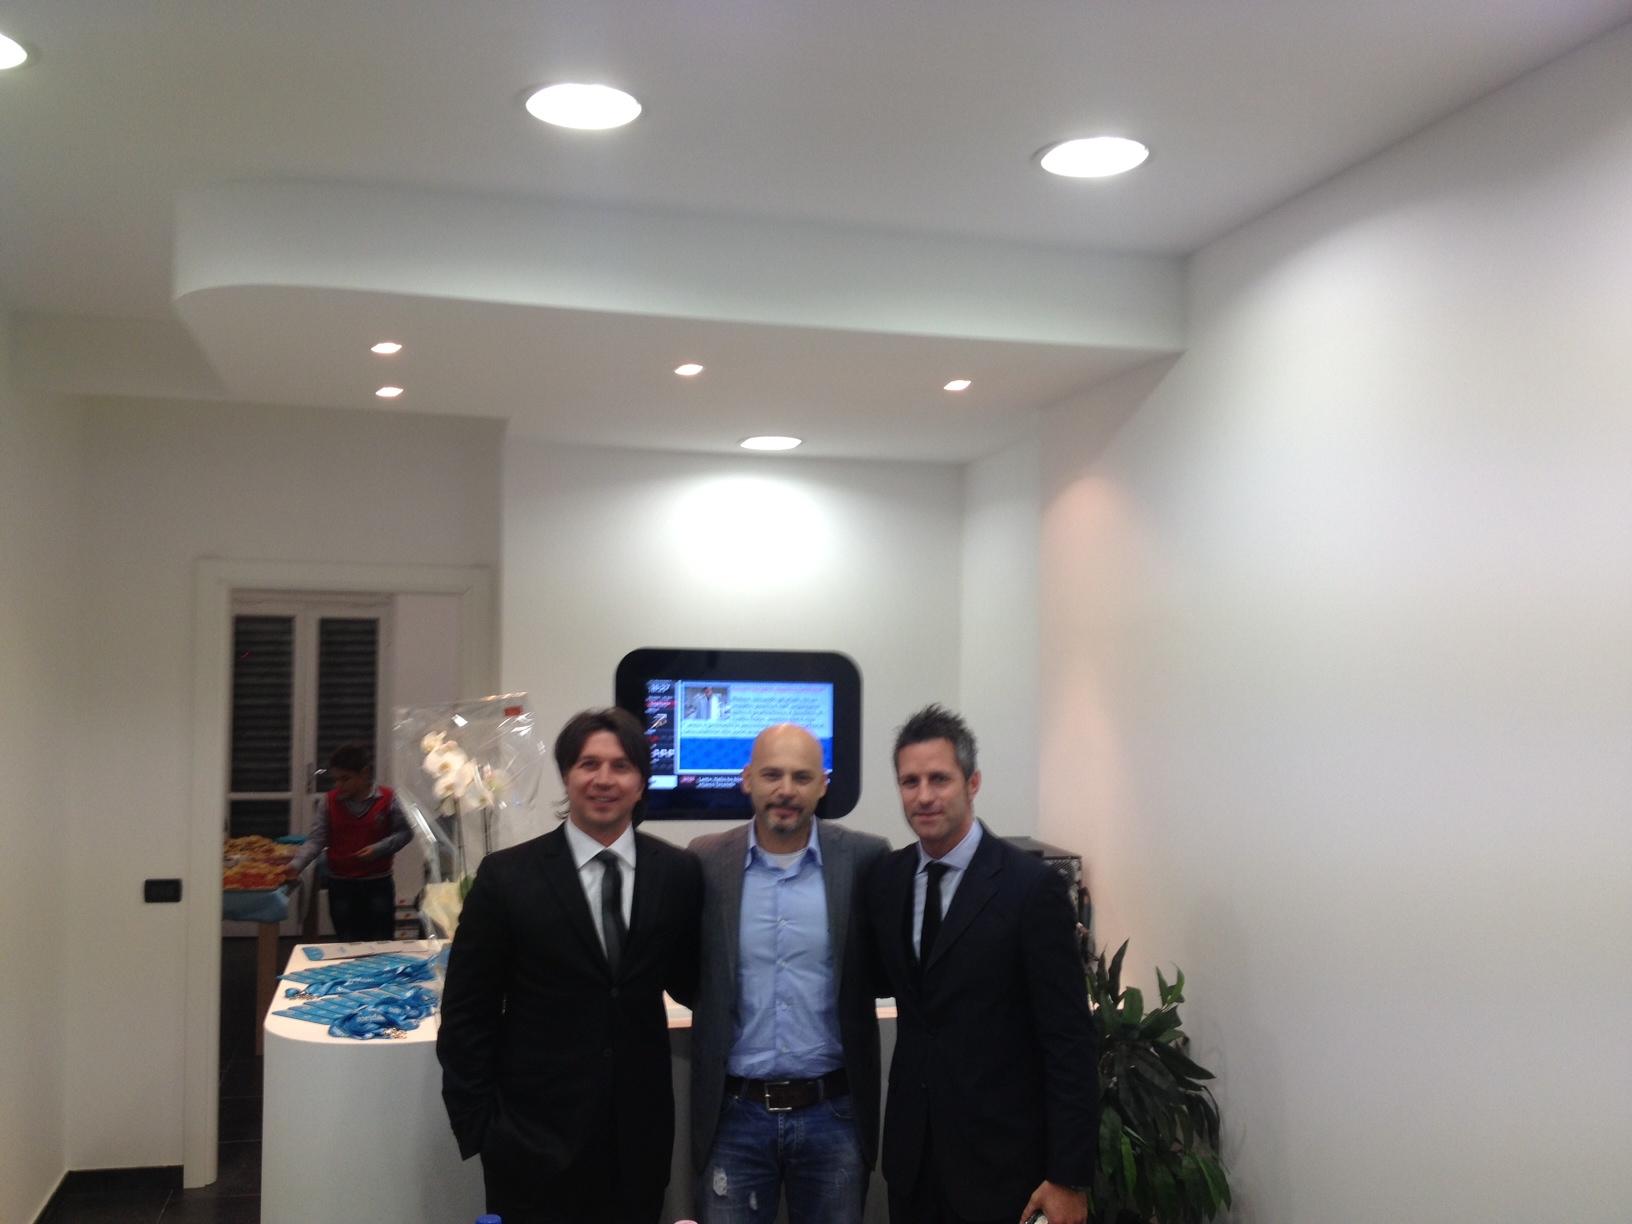 Contro la crisi, il modello Overcapital dall'Umbria a Torino: inaugurato lo store